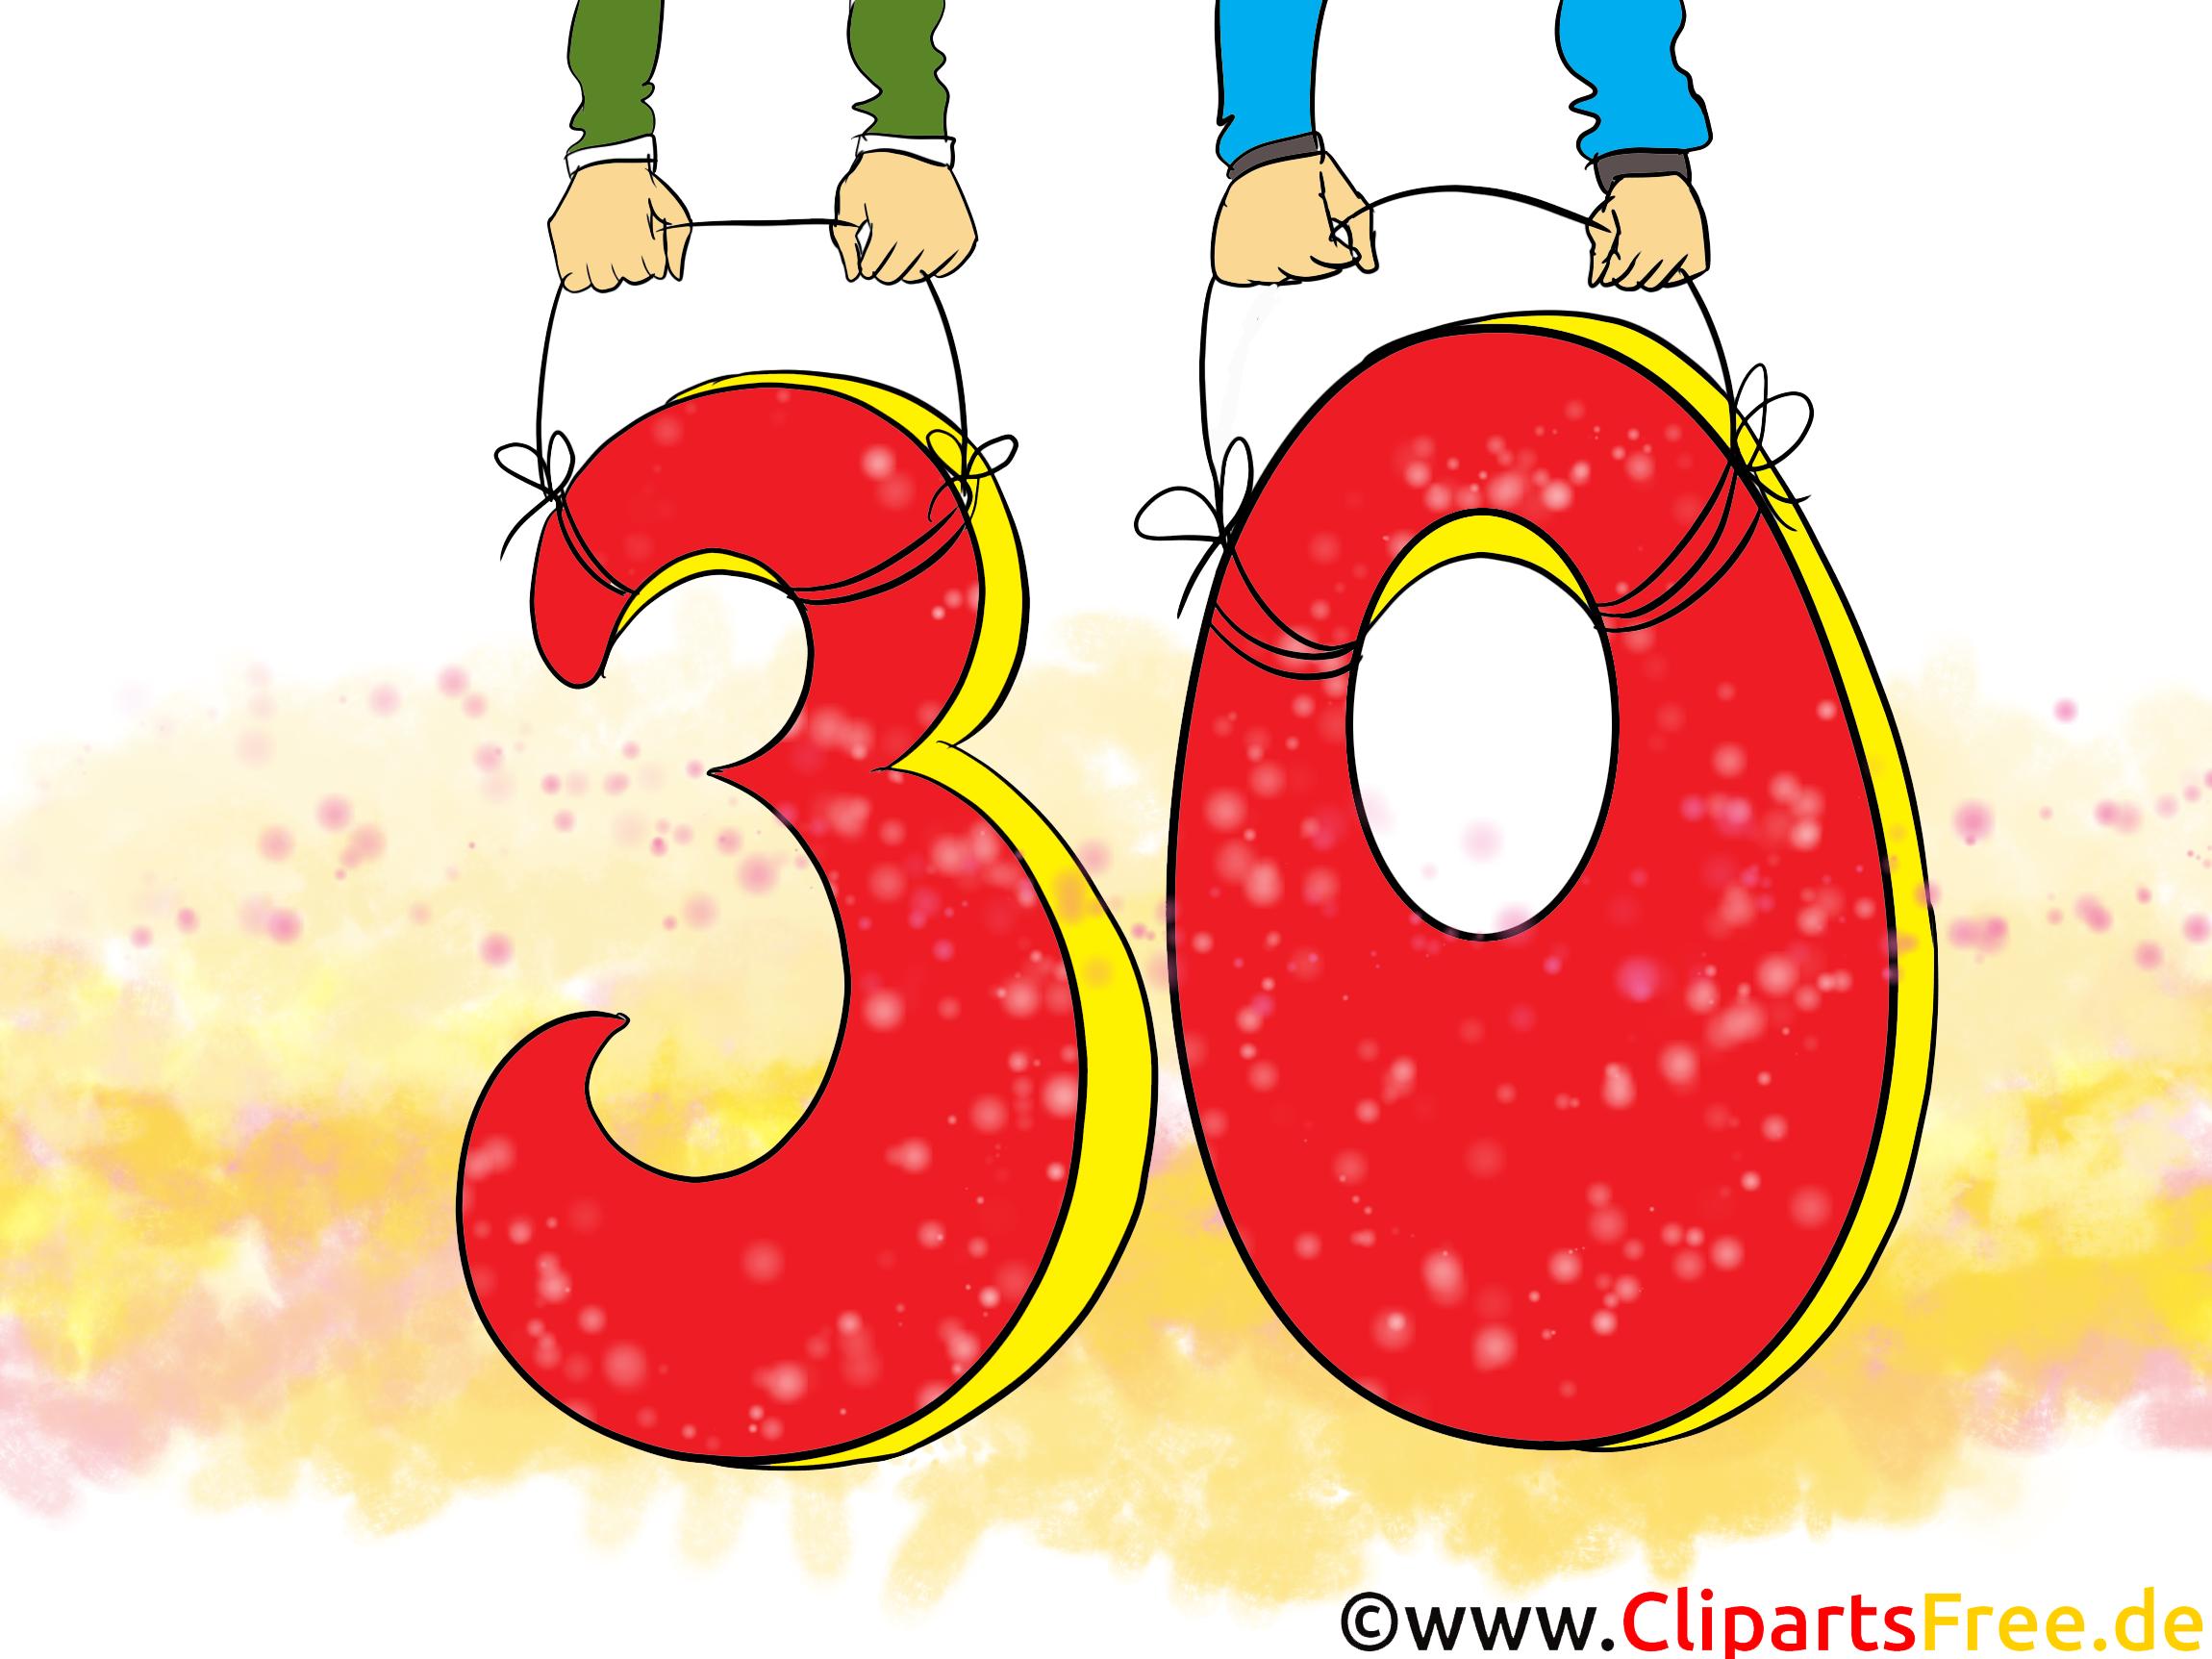 30 ans dessins gratuits anniversaire clipart - Clipart anniversaire gratuit ...